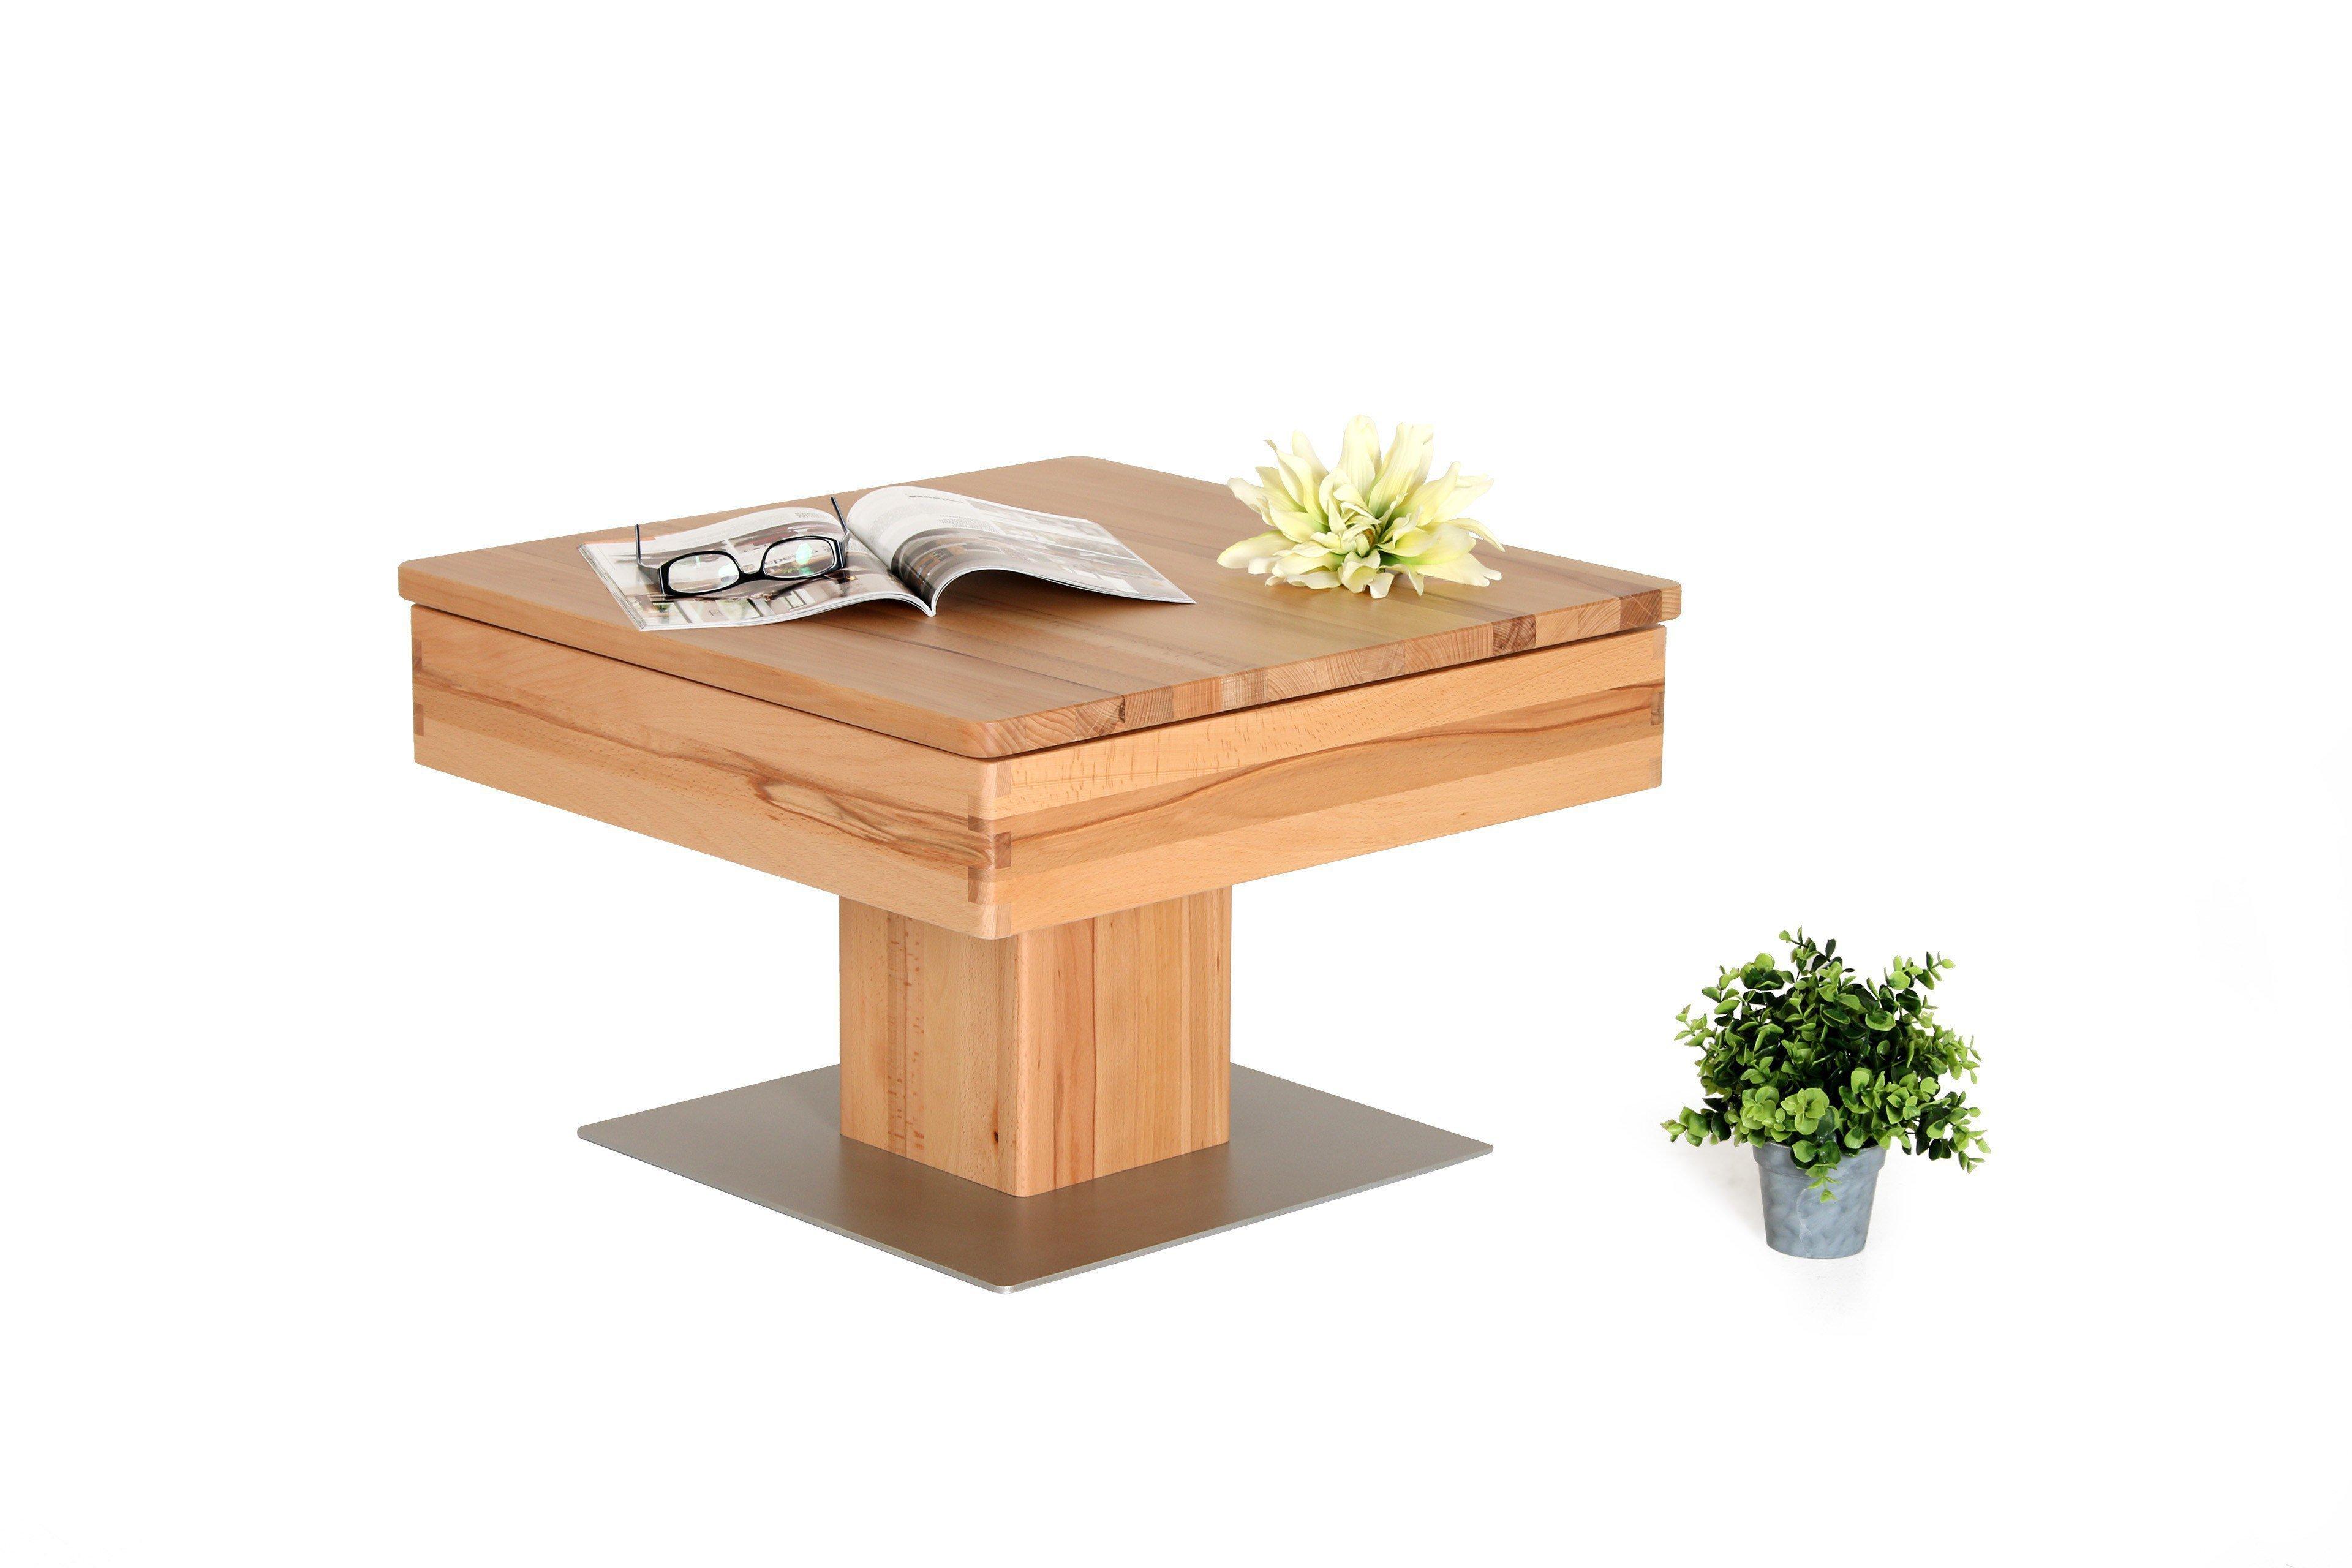 vierhaus couchtisch 1847 kernbuche m bel letz ihr online shop. Black Bedroom Furniture Sets. Home Design Ideas